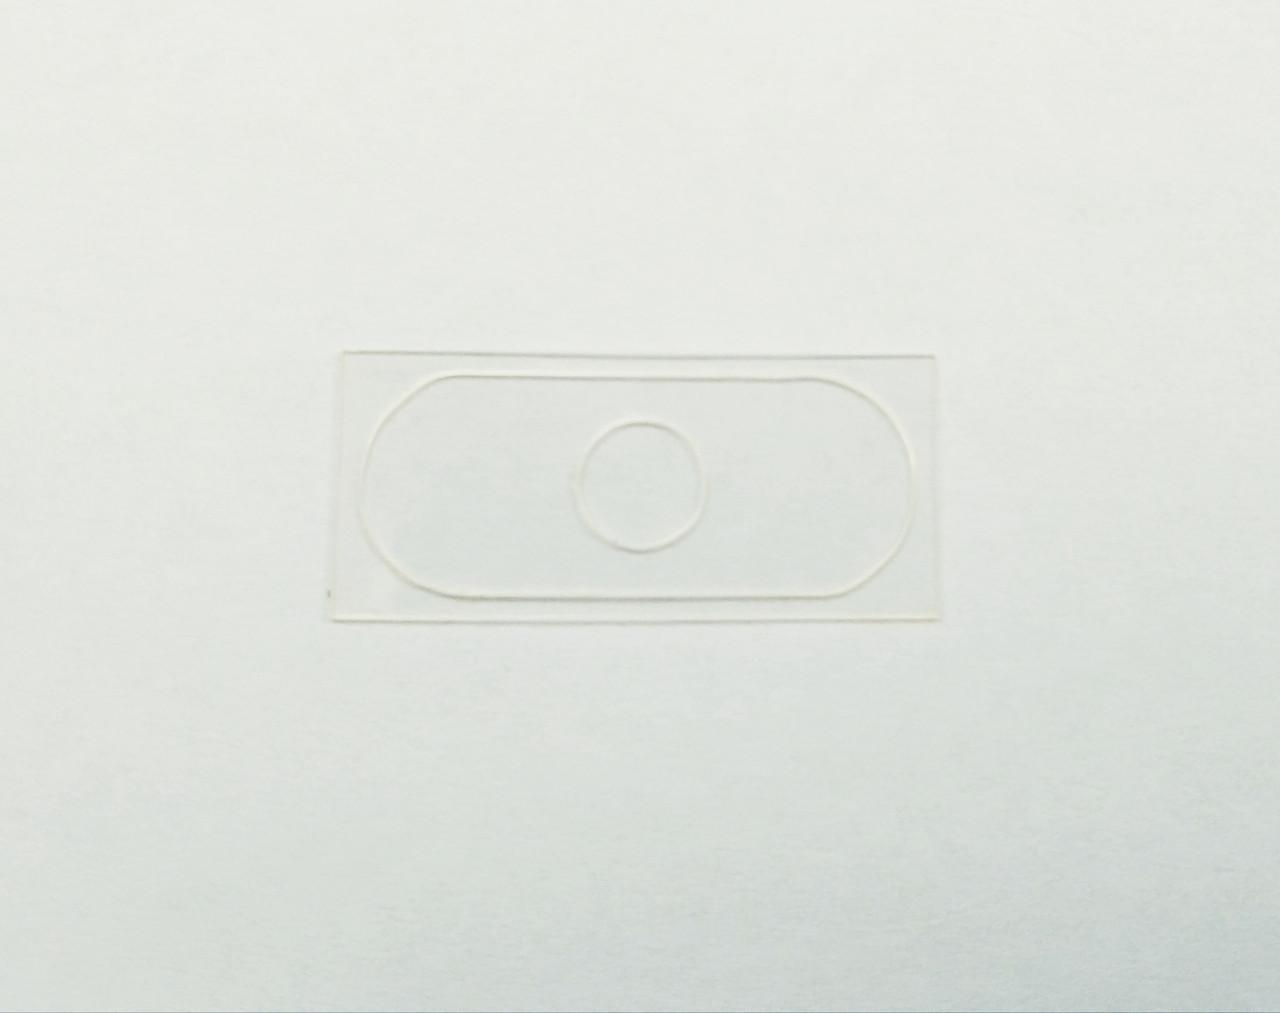 Захисна плівка на камеру для Xiaomi Mi 8